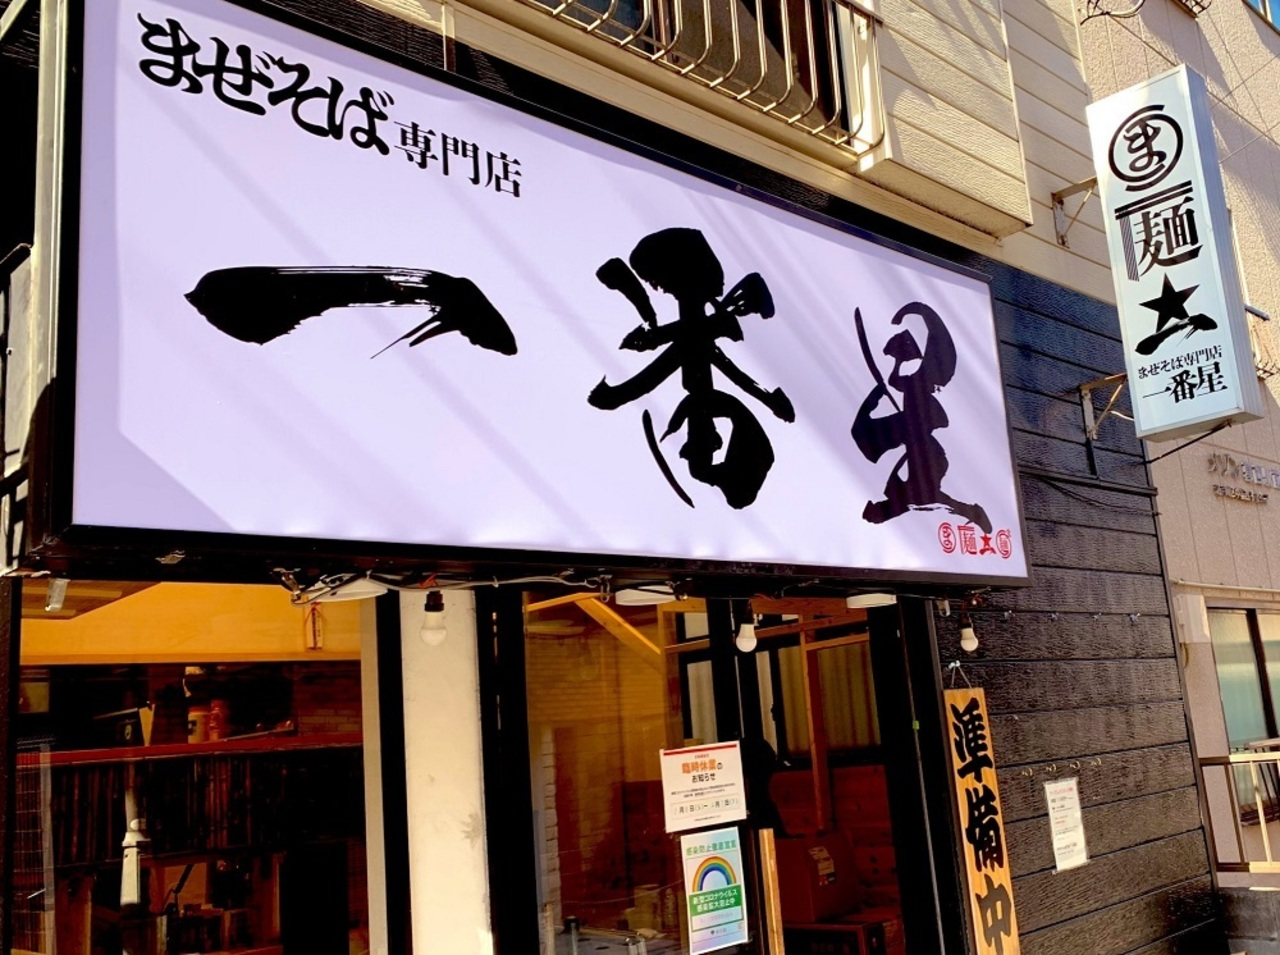 東京都江戸川区中葛西3丁目にまぜそば専門店「一番星」が本日グランドオープンされたようです。